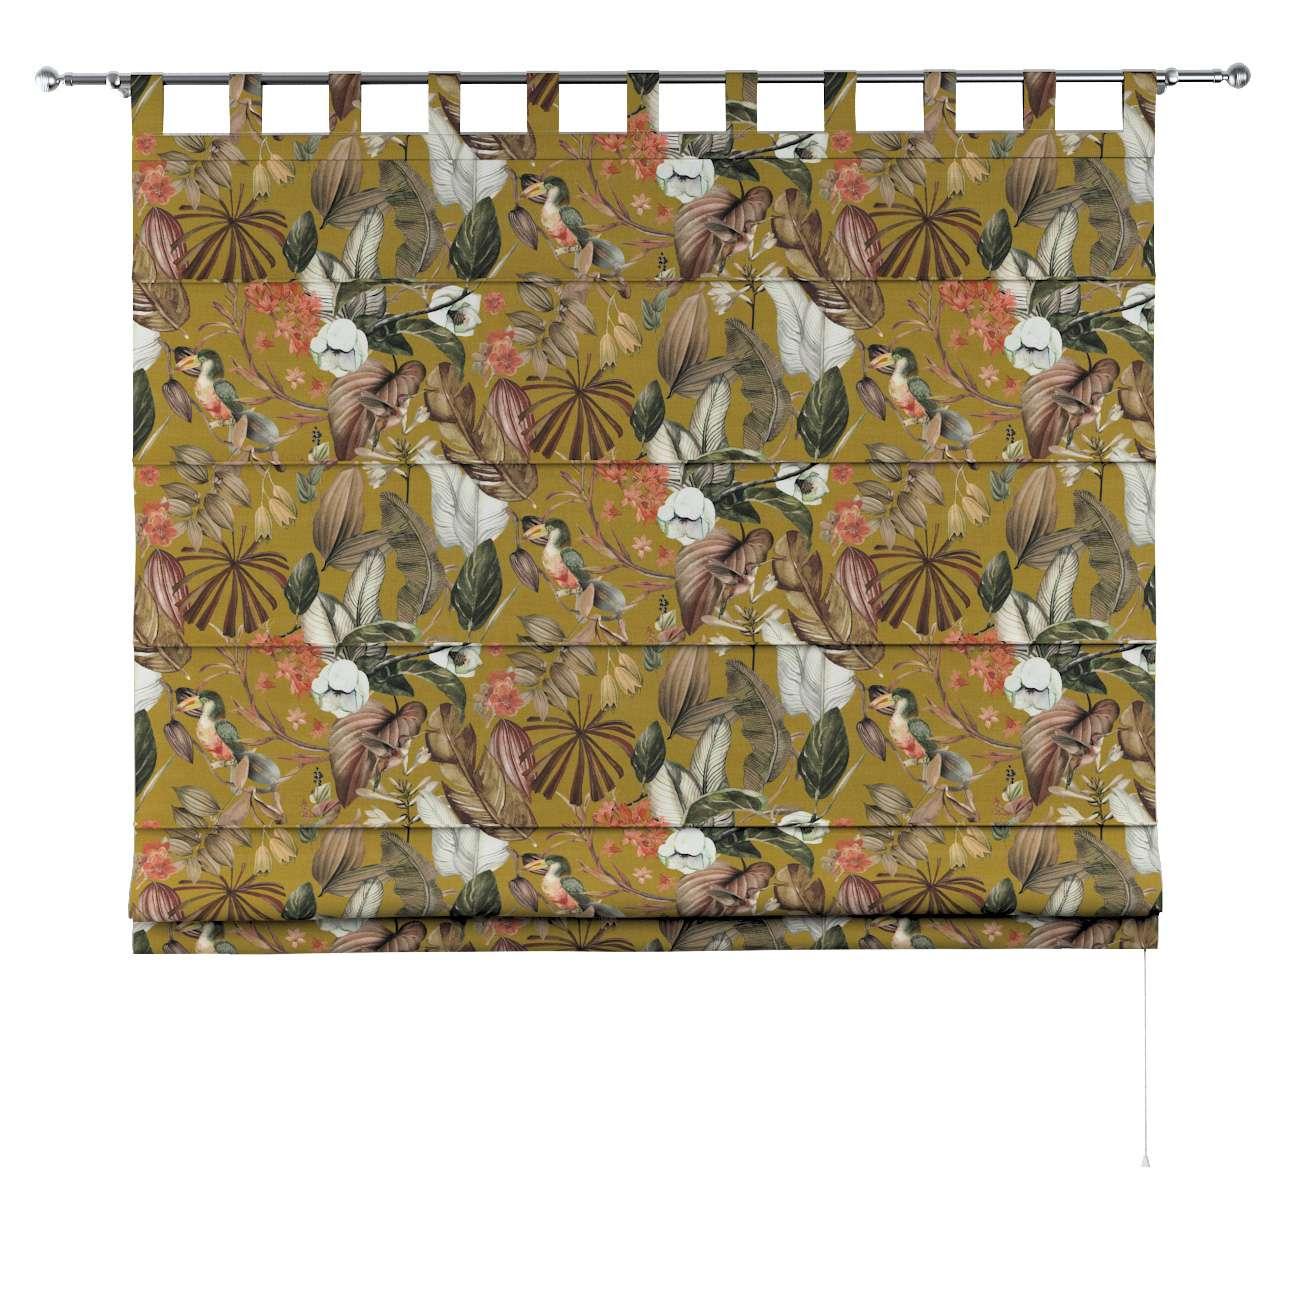 Rímska roleta Verona V kolekcii Abigail, tkanina: 143-09